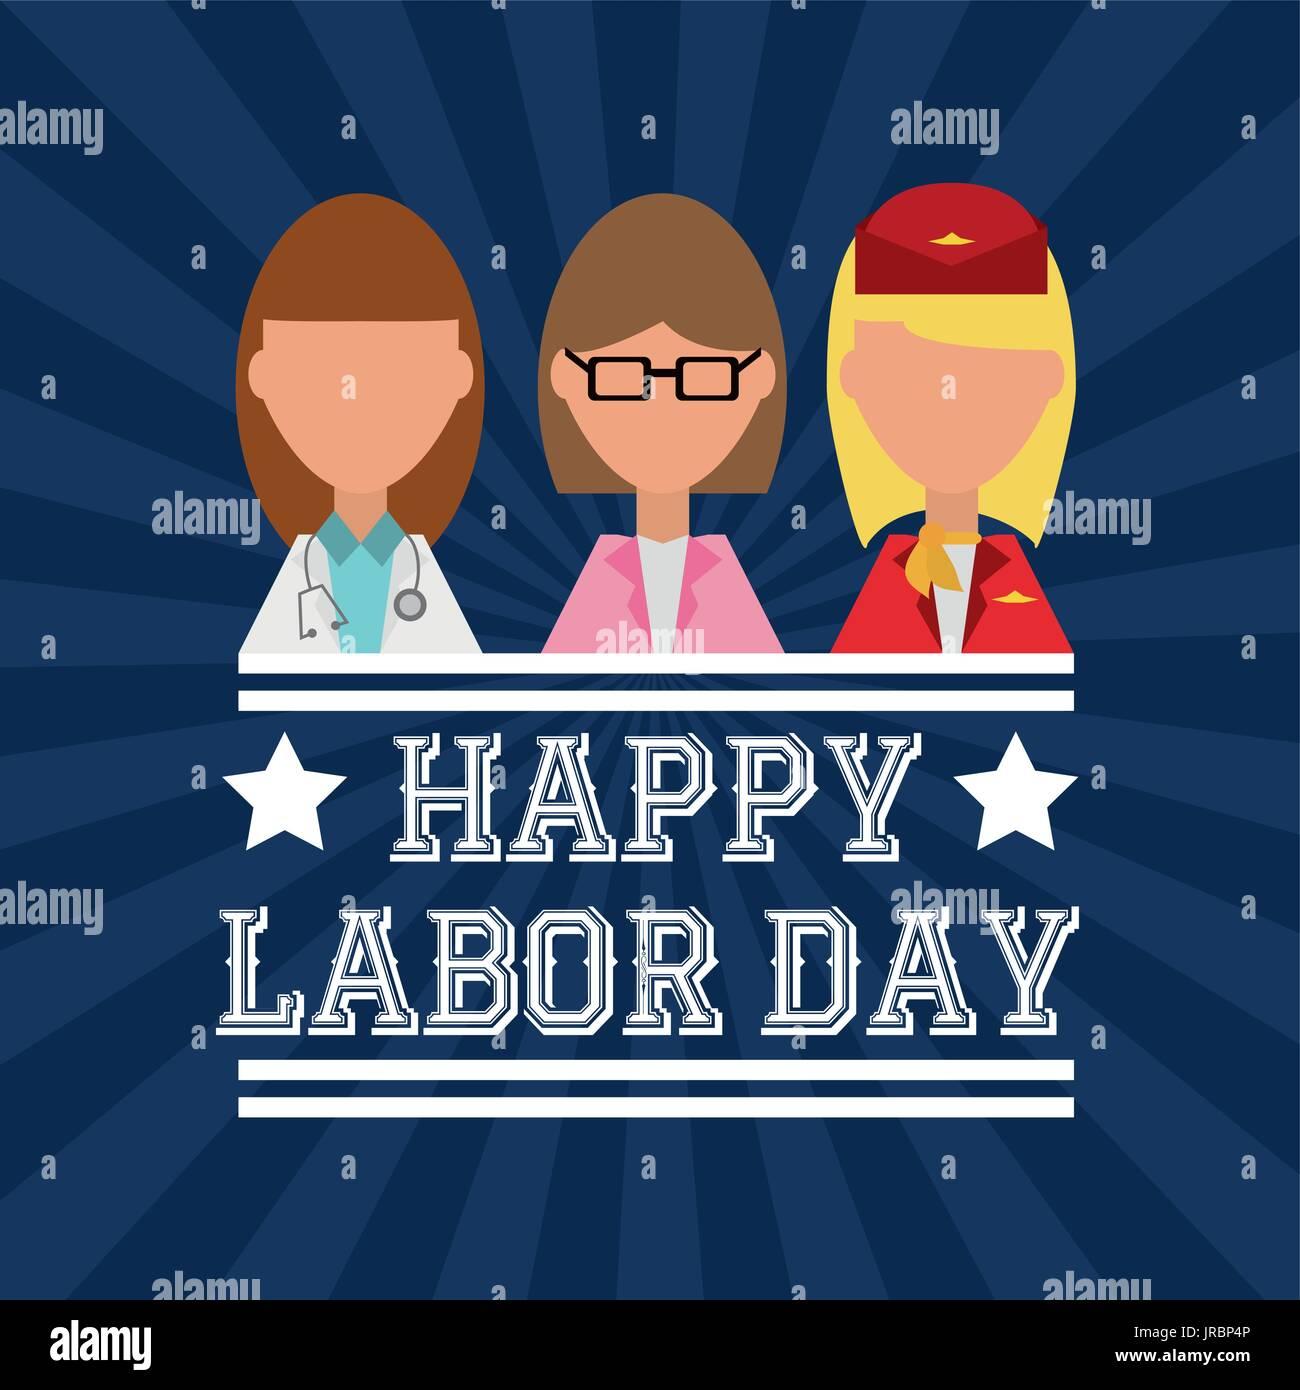 Arbeiter feiern glücklich Tag der Arbeit Vektor Abbildung - Bild ...